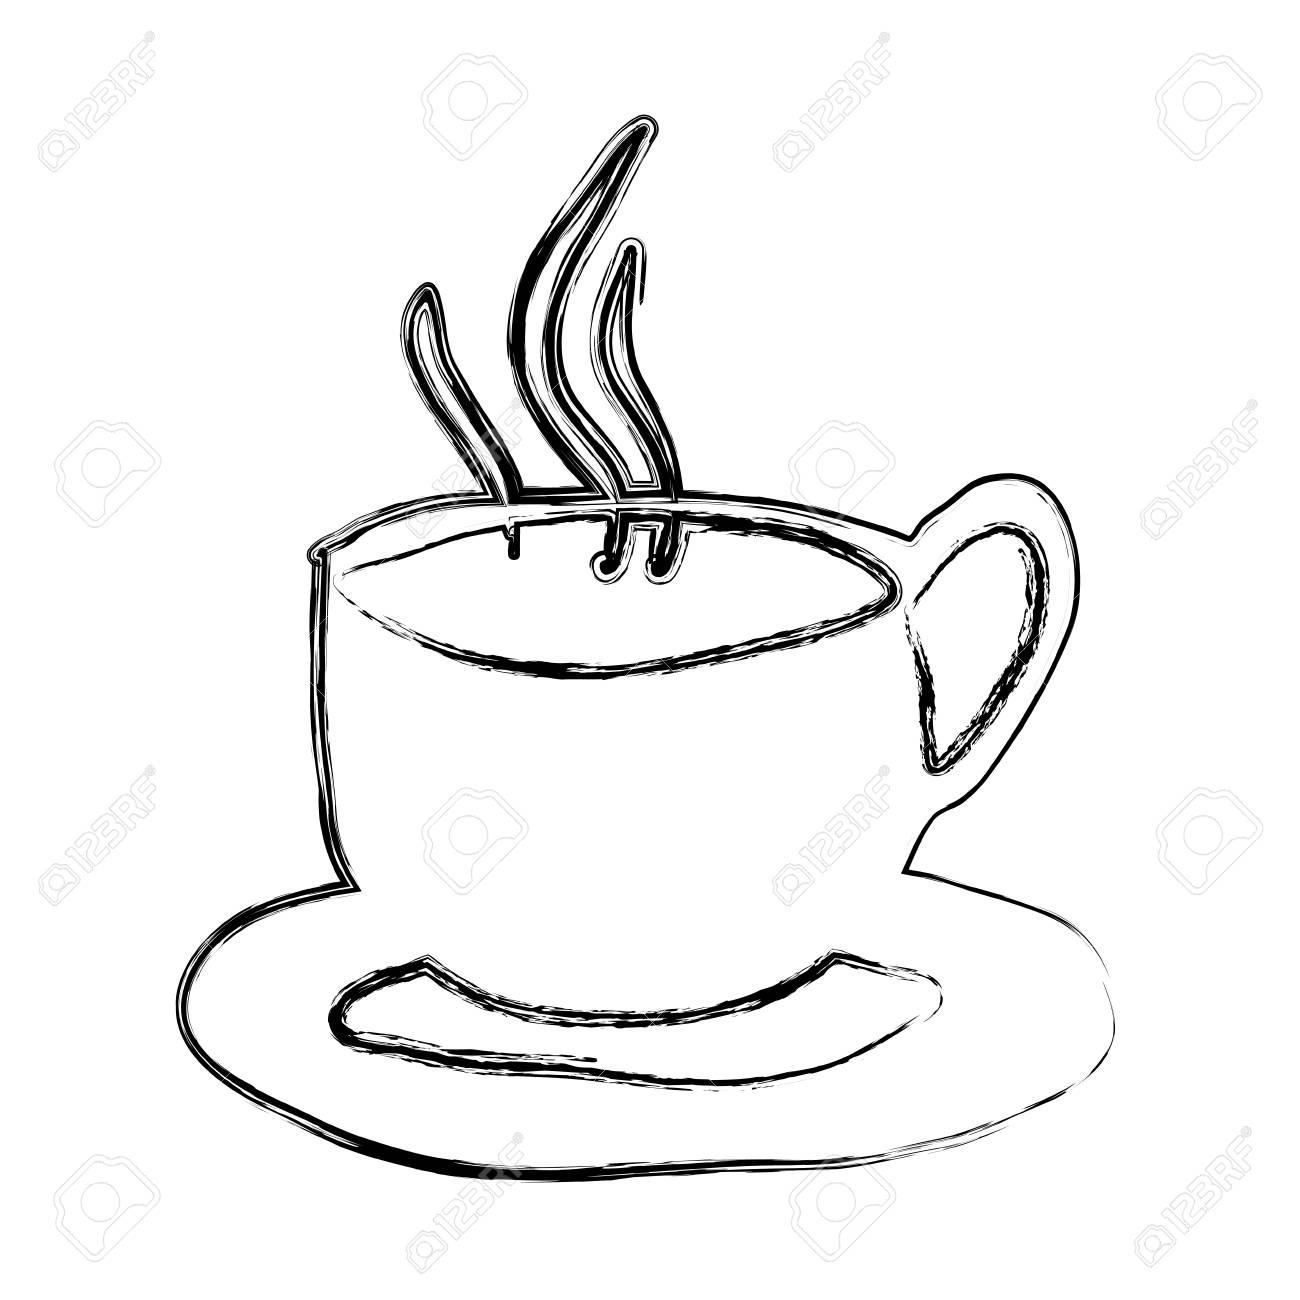 Einfarbige Skizzenhand Gezeichnet Von Der Heißen Kaffeetasse Auf